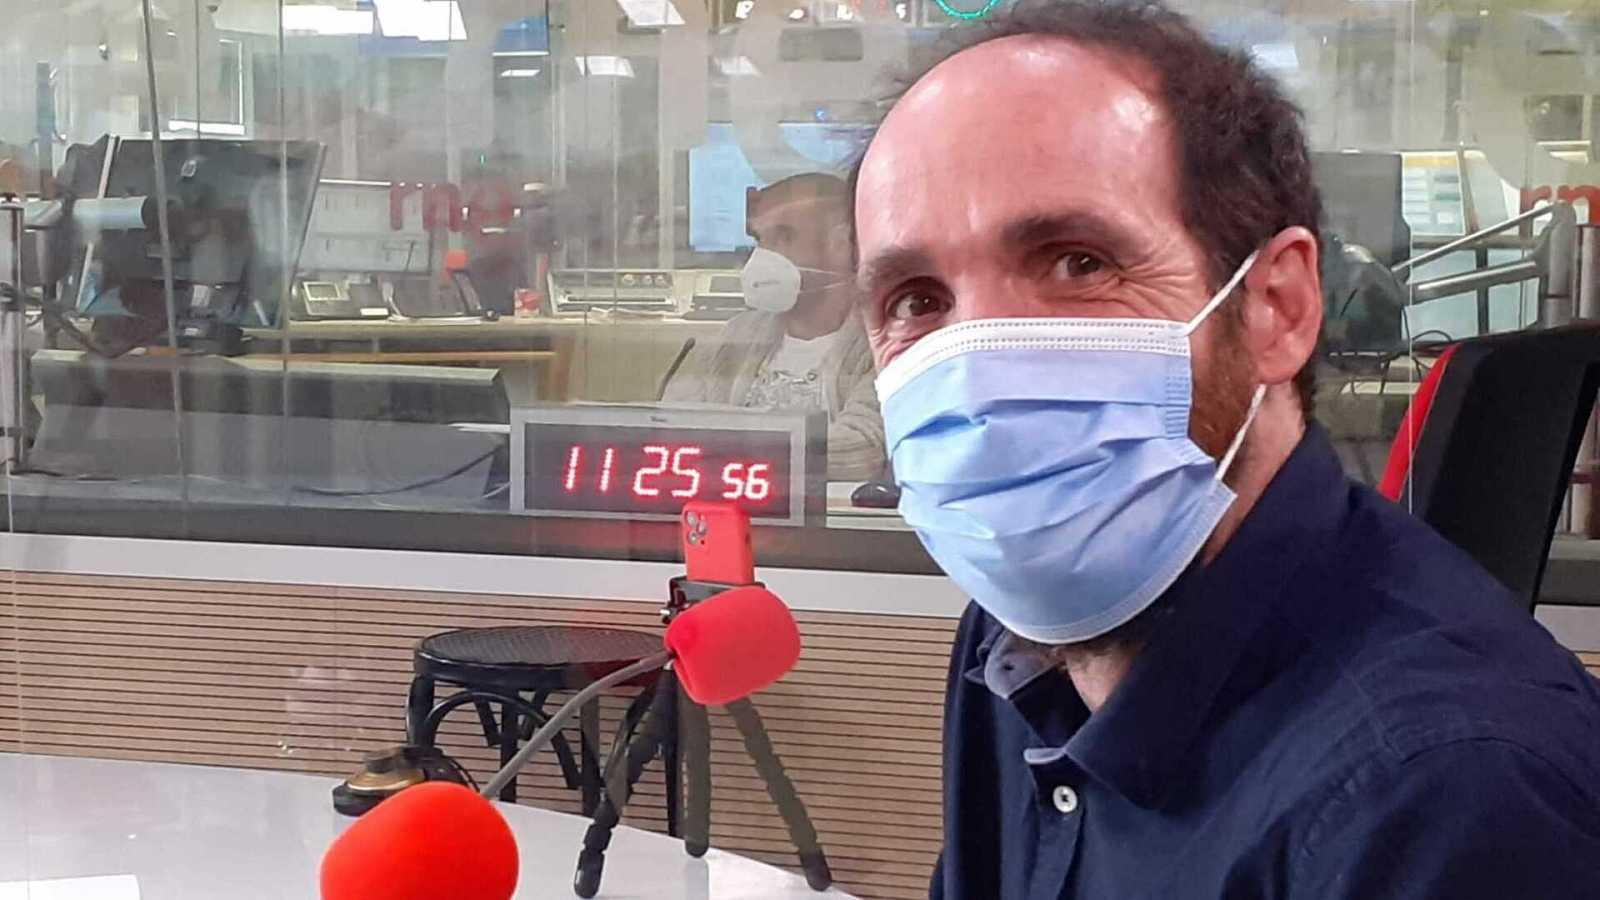 Las mañanas RNE con Pepa Fernández - Segunda hora - 26/02/21 - escuchar ahora